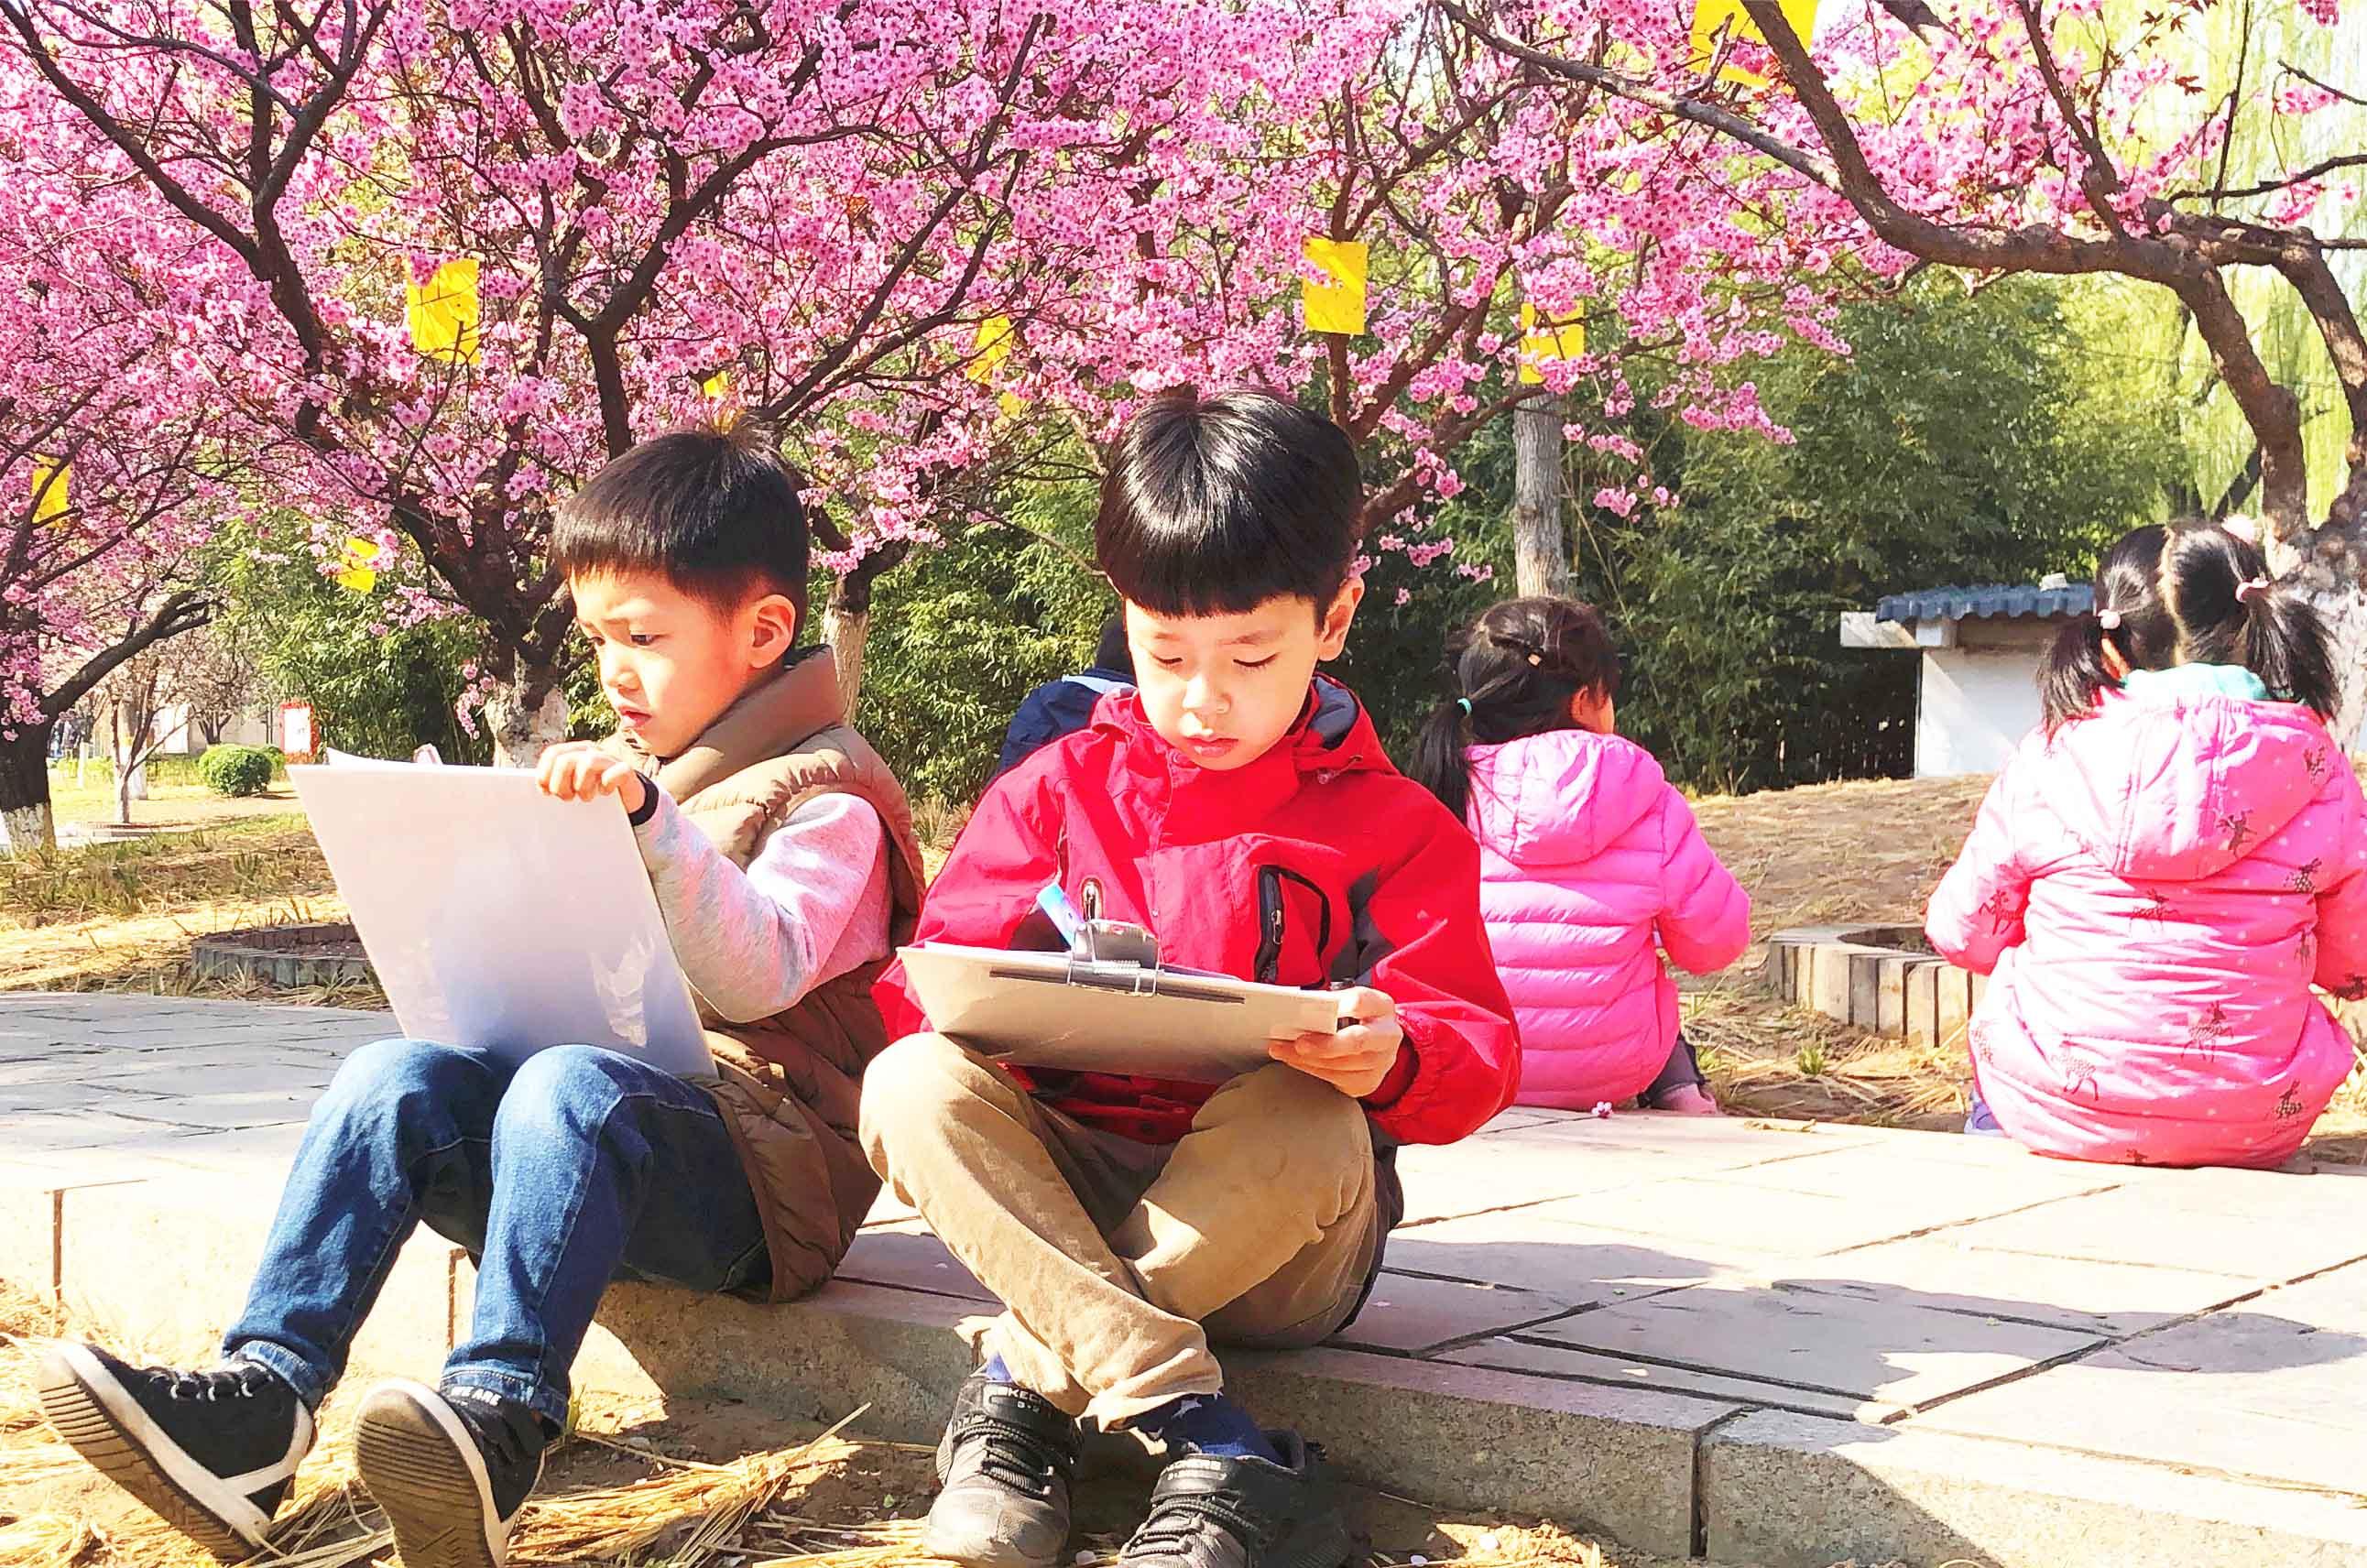 「教育」智见Talks | 如何打造一所优质幼儿园?